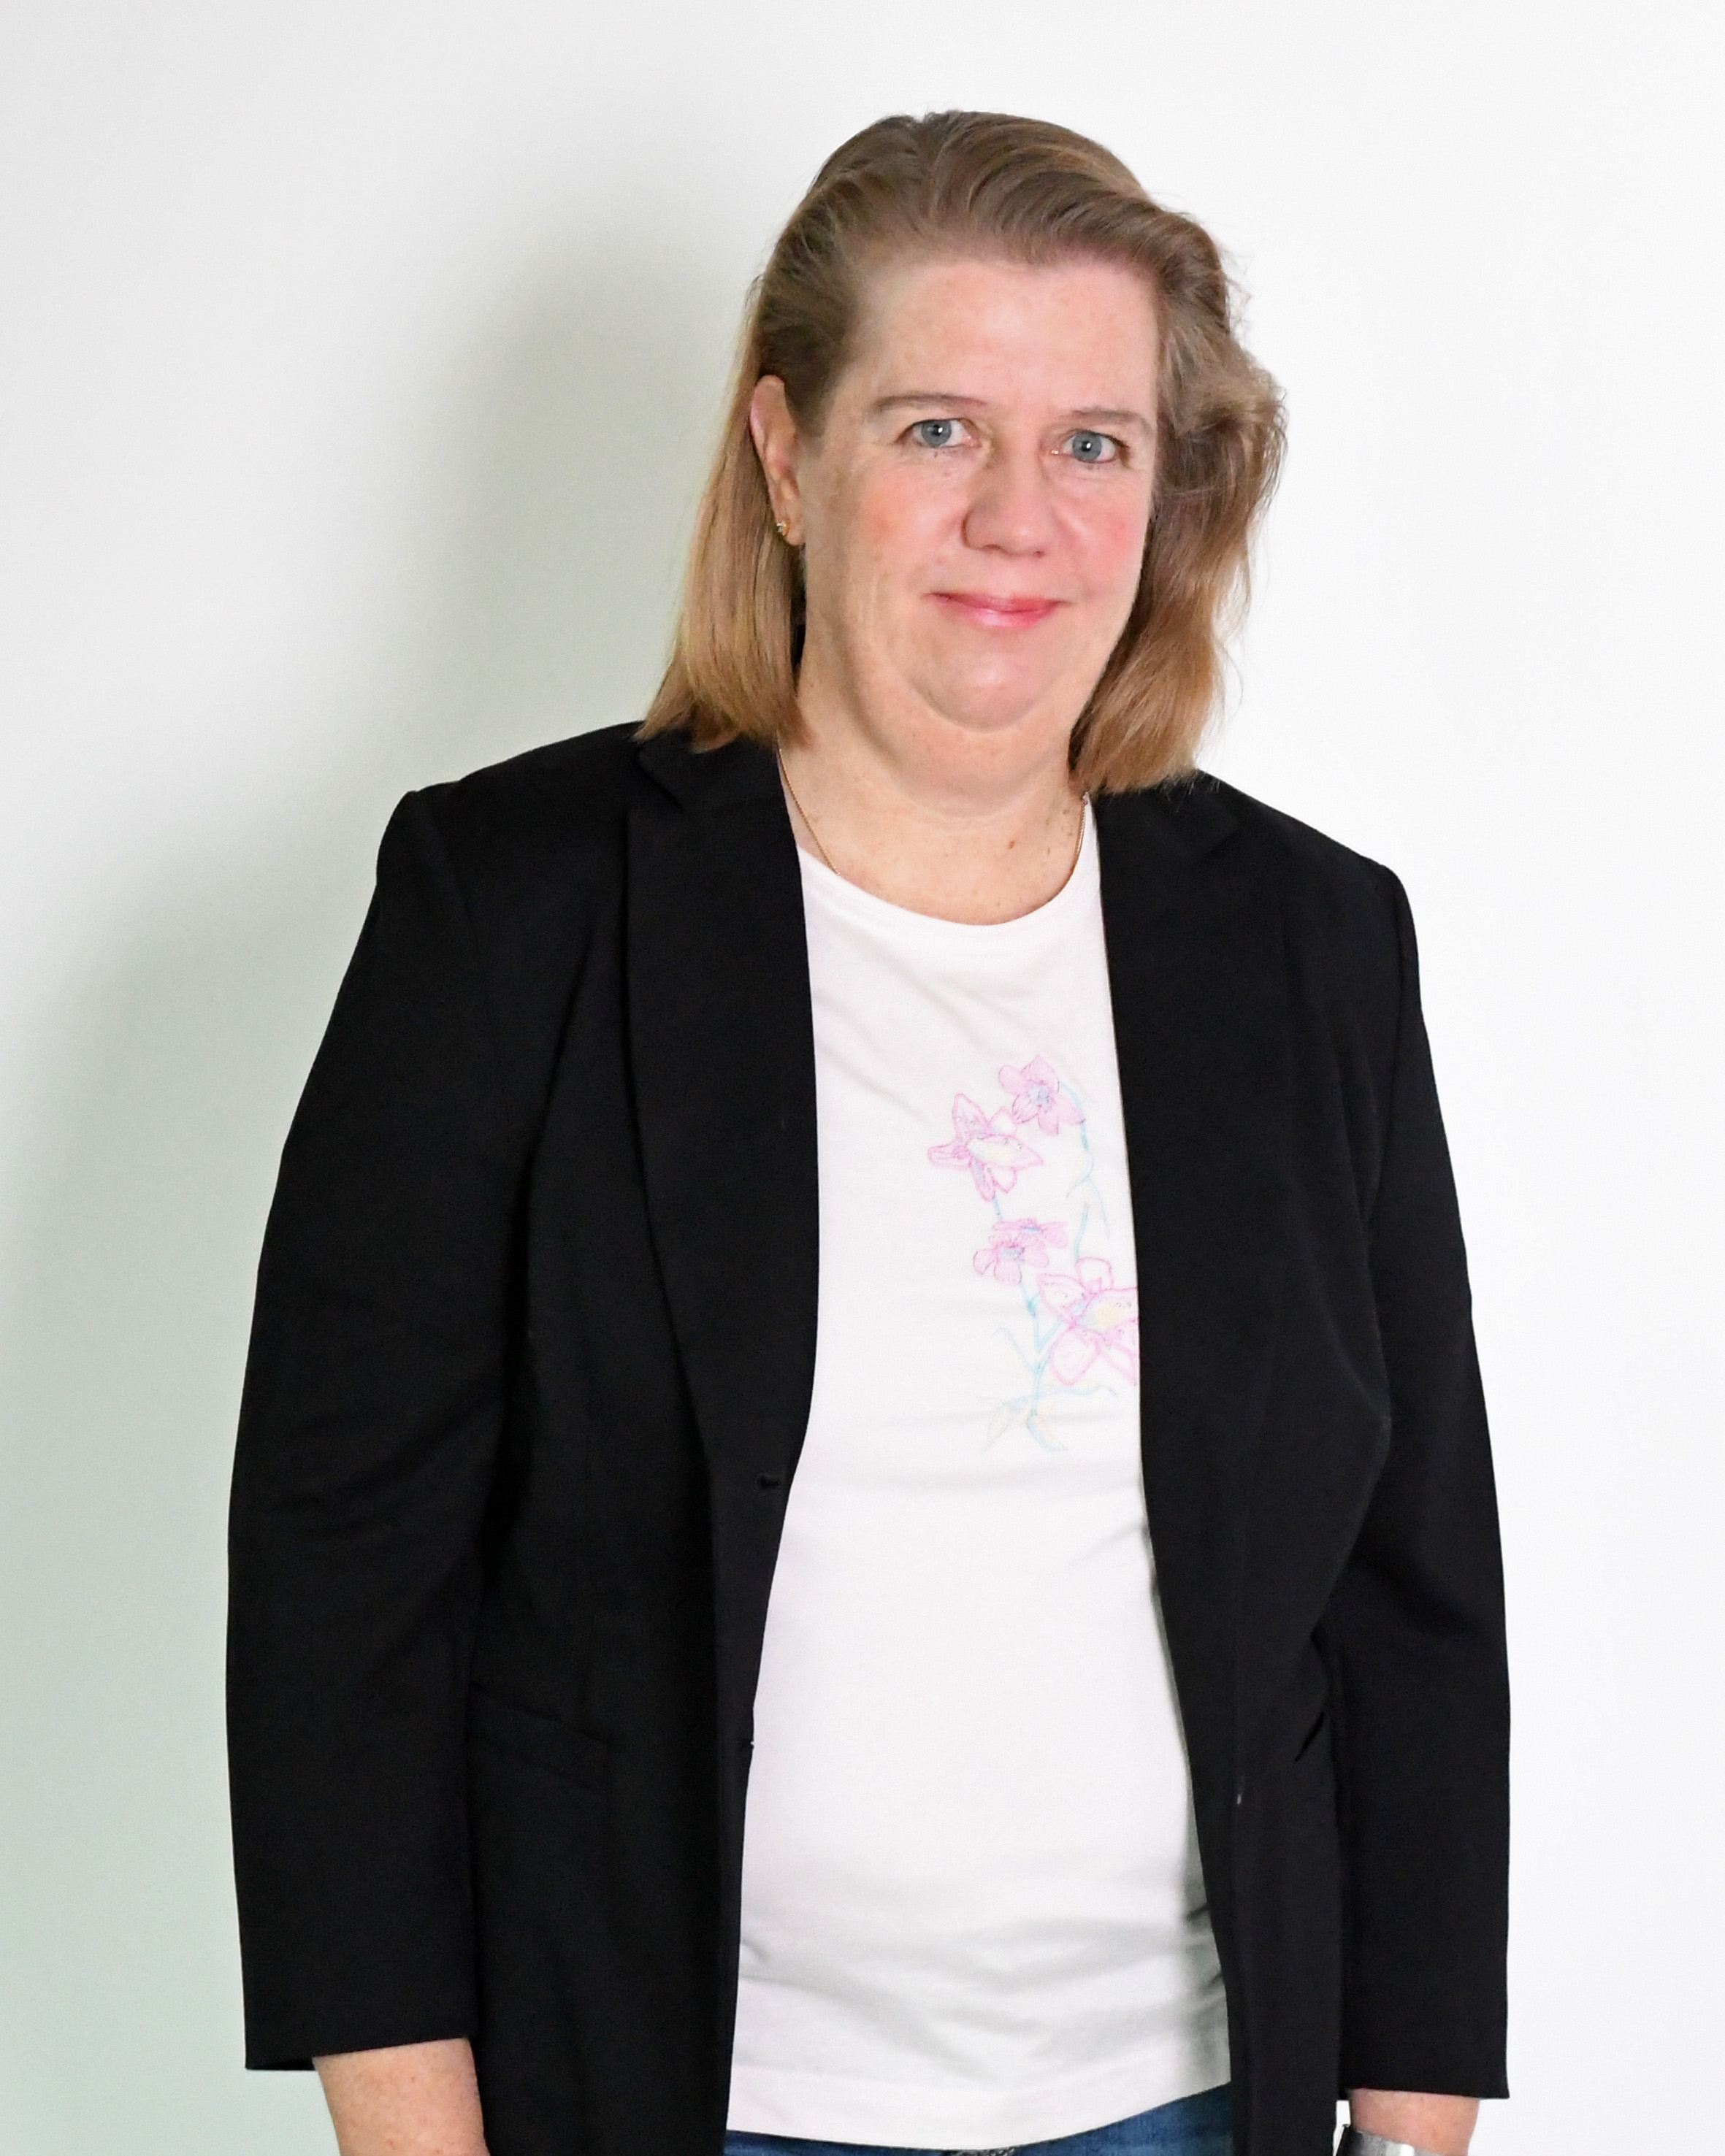 Britta Hillebrand ist Diplom-Ingenieurin und seit 2012 im Unternehmen. Sie bleibt bodenständig, aber denkt in großen Dimensionen: Sie wird schwach bei einfachen Spaghetti mit Gorgonzolasoße, aber Ihr Traum-Reiseziel ist ein Land mit 3 Zeitzonen, 10 Ländergrenzen und dem wasserreichsten Fluss der Erde – Brasilien.